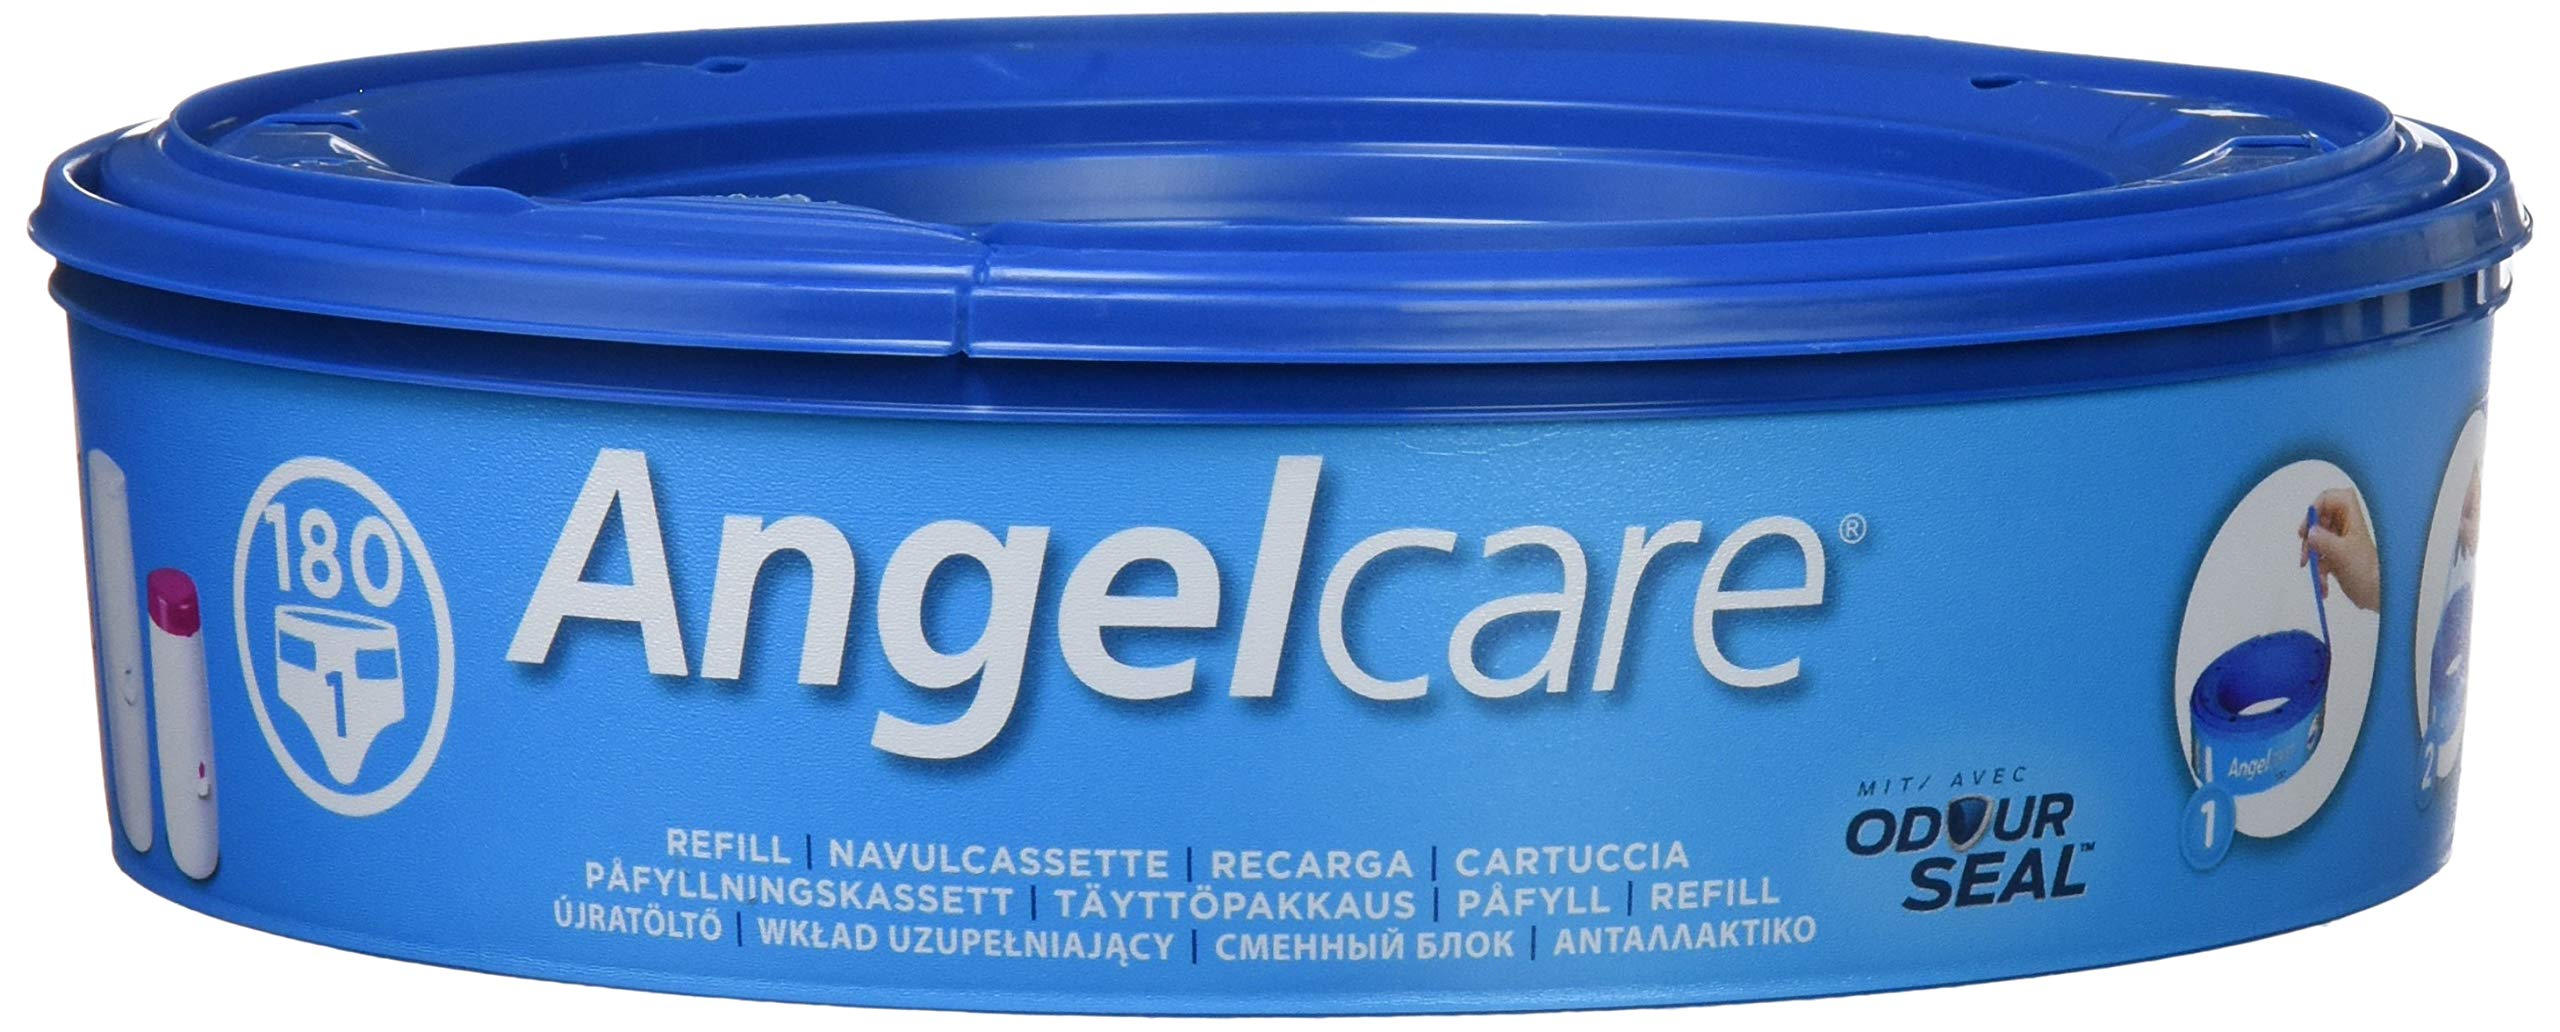 Angelcare - Pack de 6 recharge pour poubelle à couches product image